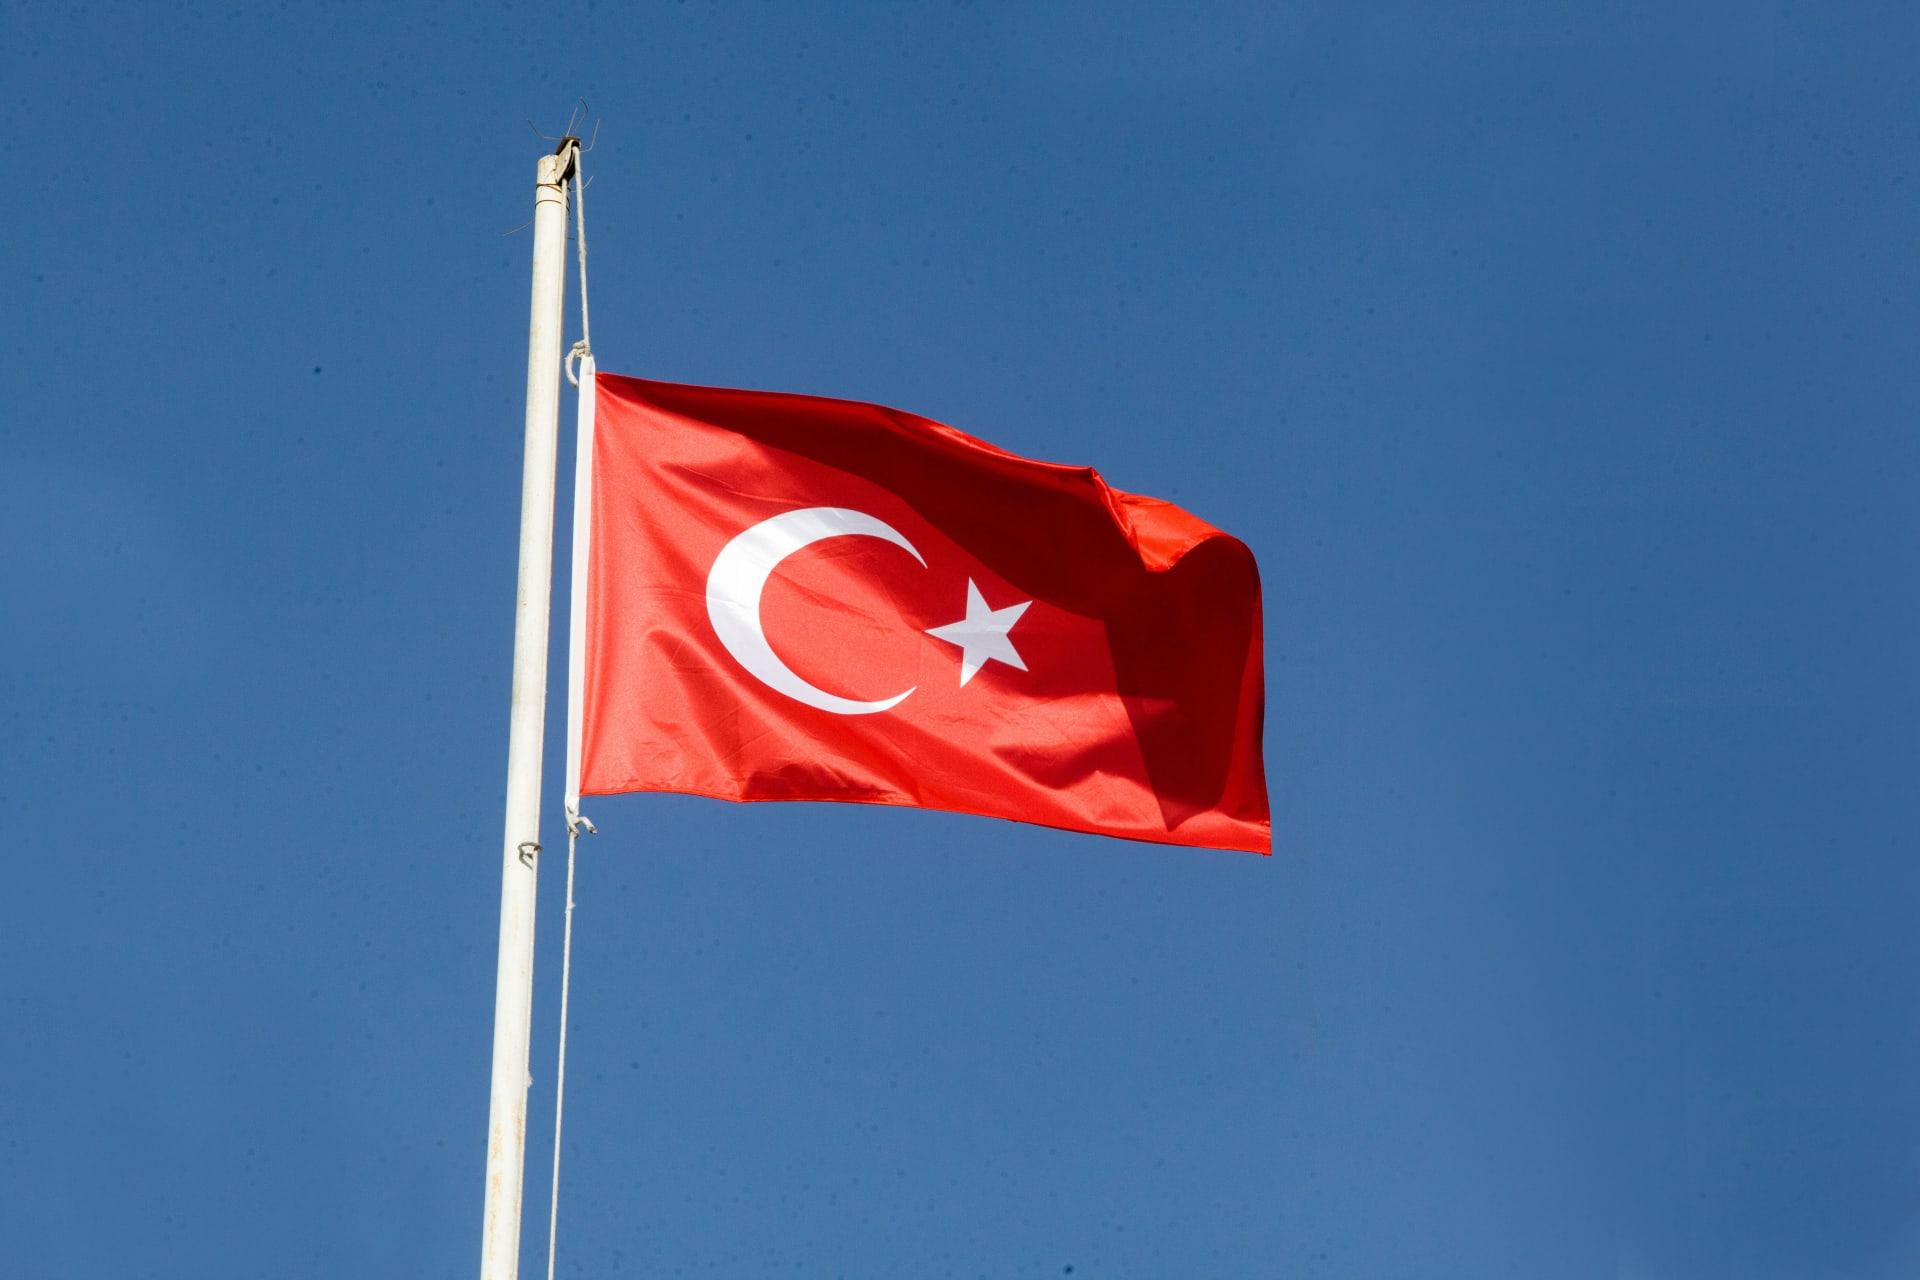 تركيا تعلن استرجاع تمثال هُرب إلى إسرائيل قبل 5 عقود ومنها إلى أمريكا